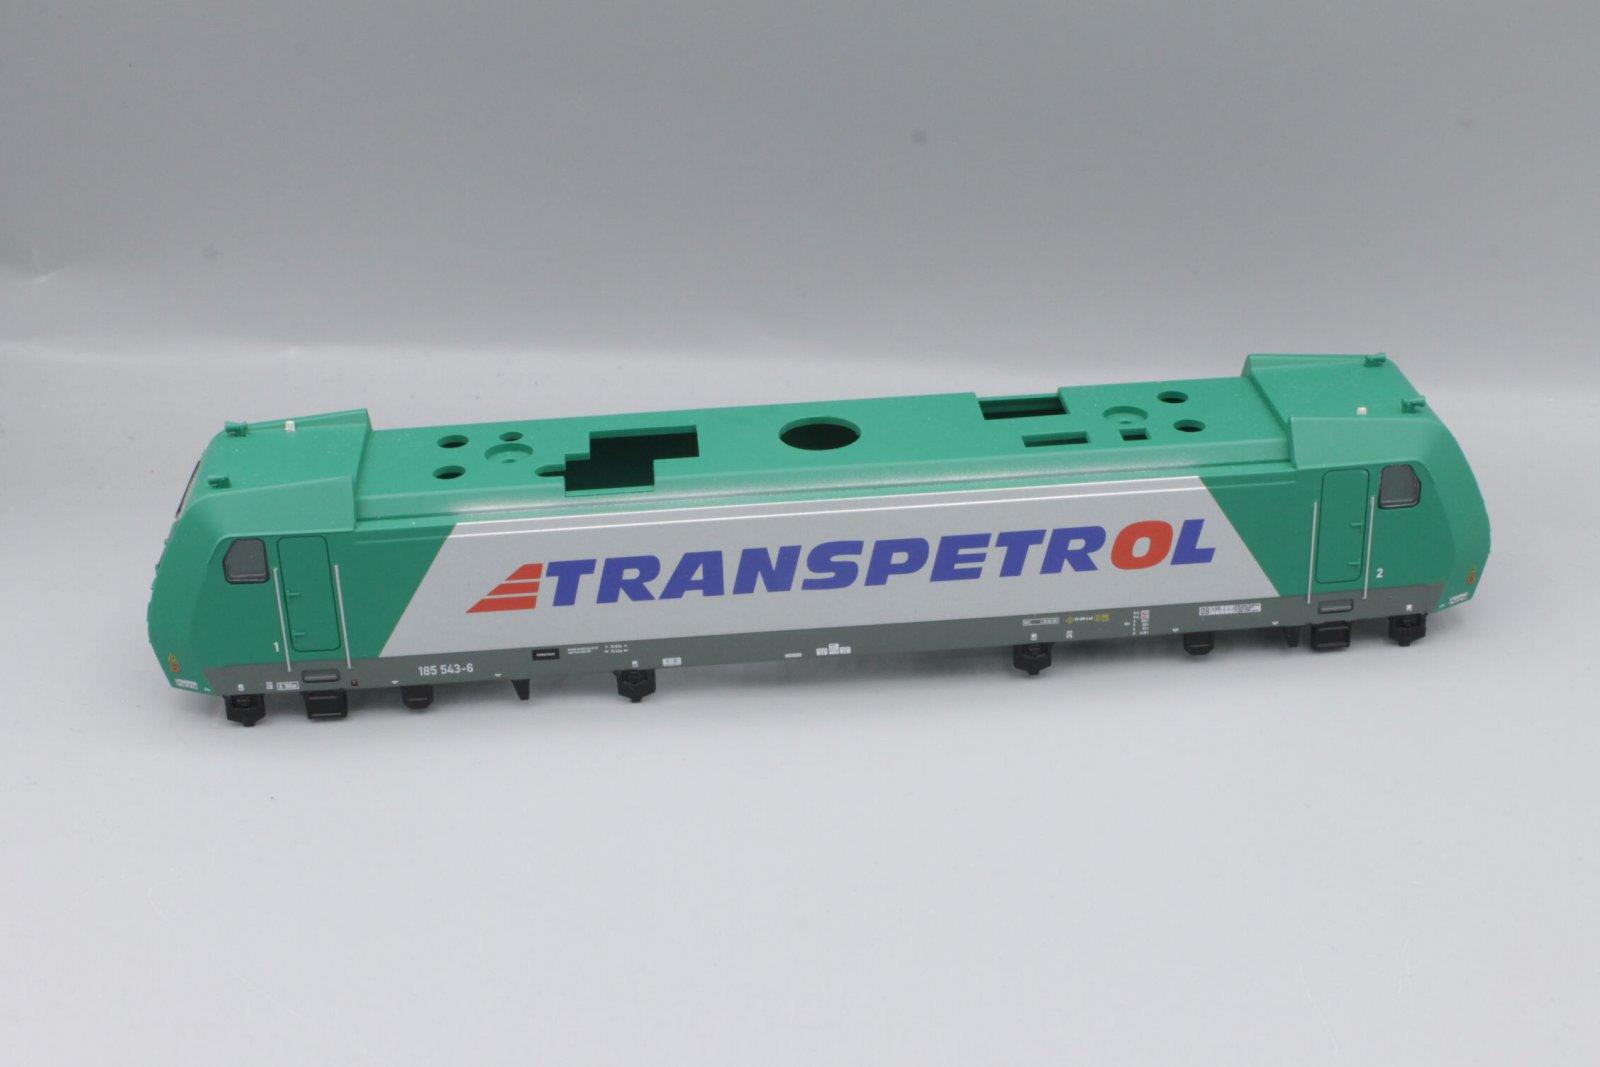 Ersatzteil Piko Gehäuse 185 543-6 Transpetrol grün/silber